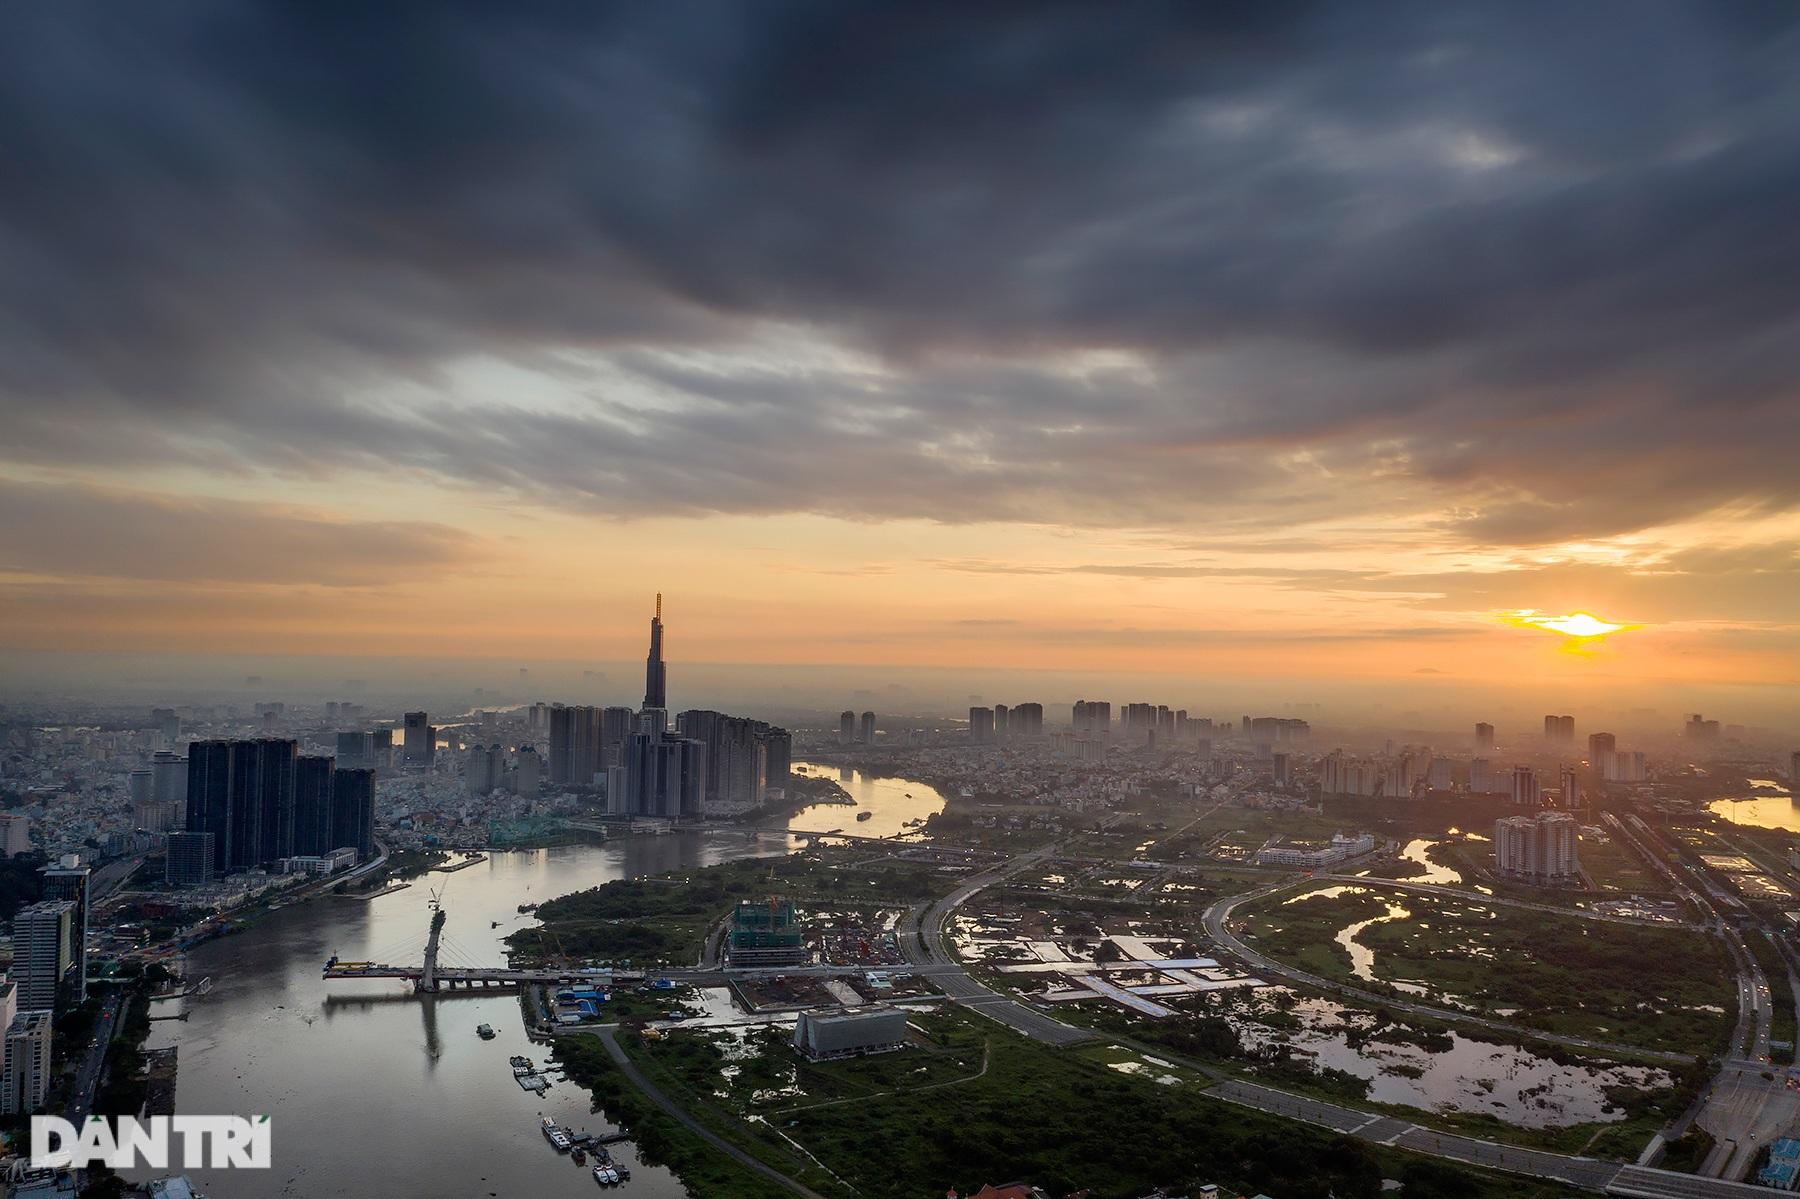 Thành phố Hồ Chí Minh - Vẻ đẹp của một Siêu đô thị hiện đại - 17